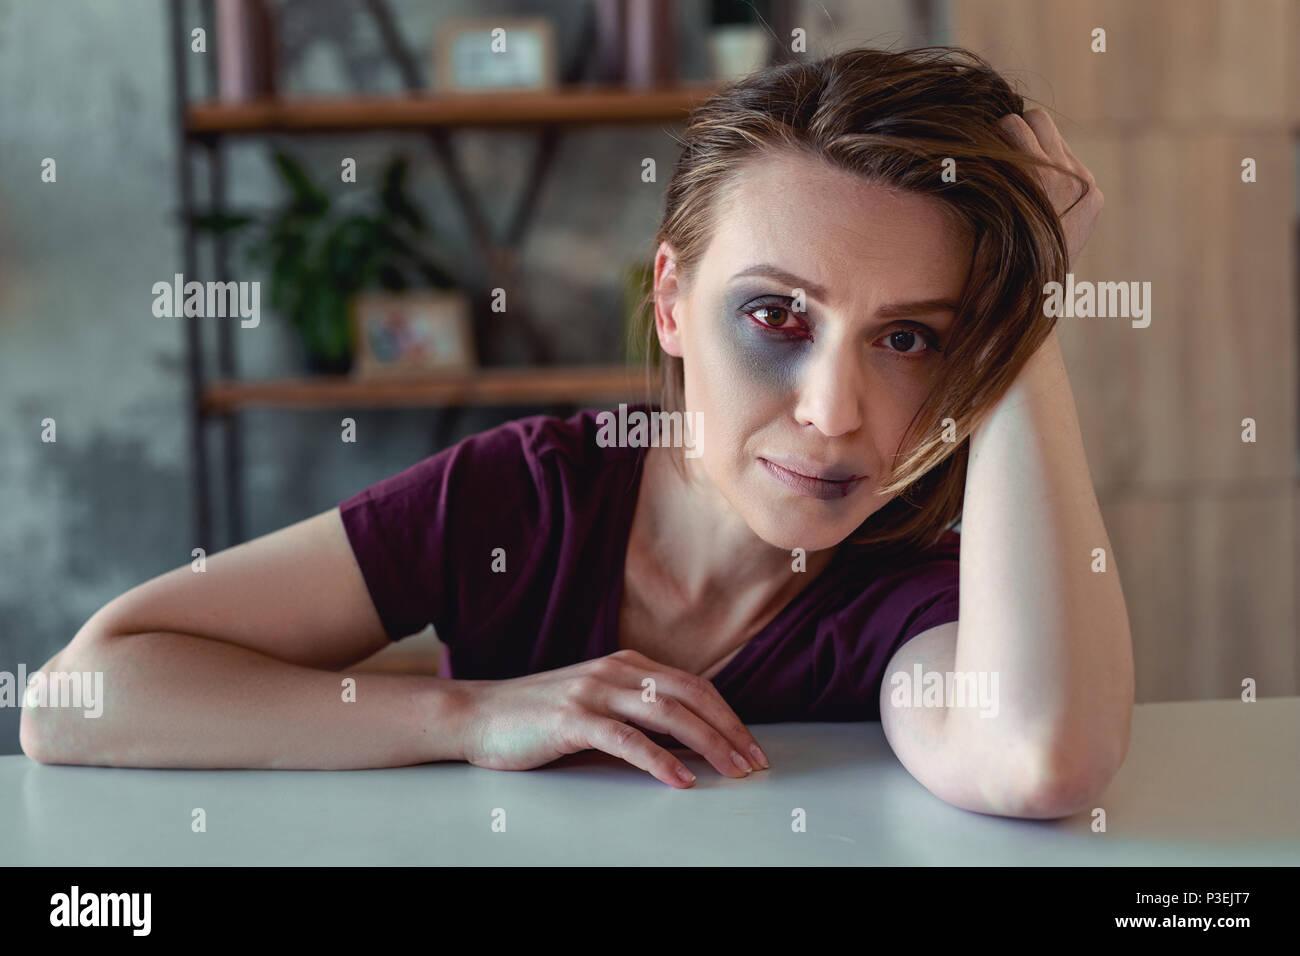 Schreiende Frau in Split lip nach der Familie Streit Stockbild